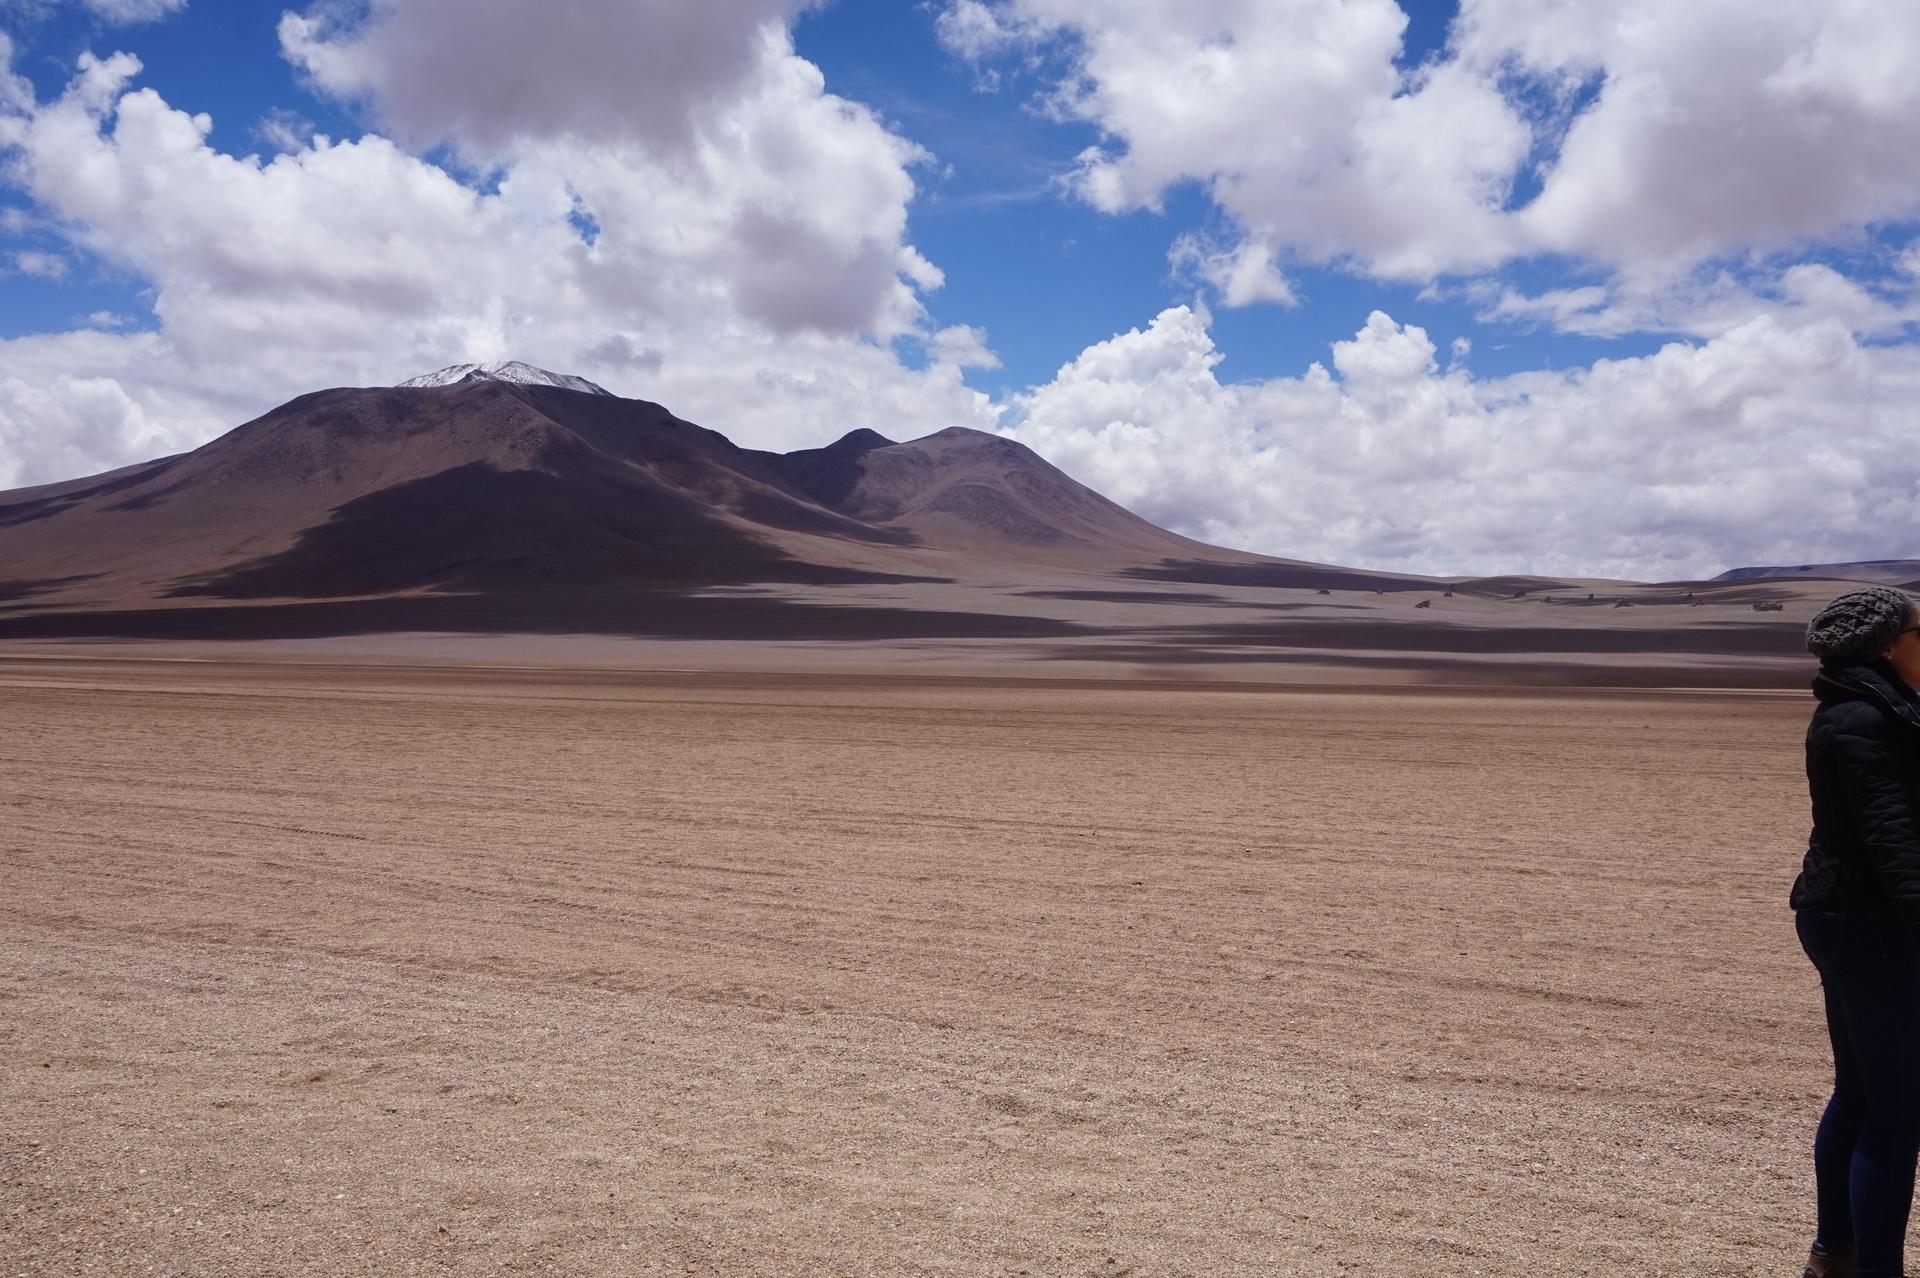 チリ ボリビア ウユニ旅行 2泊3日ツアー ダリ砂漠2